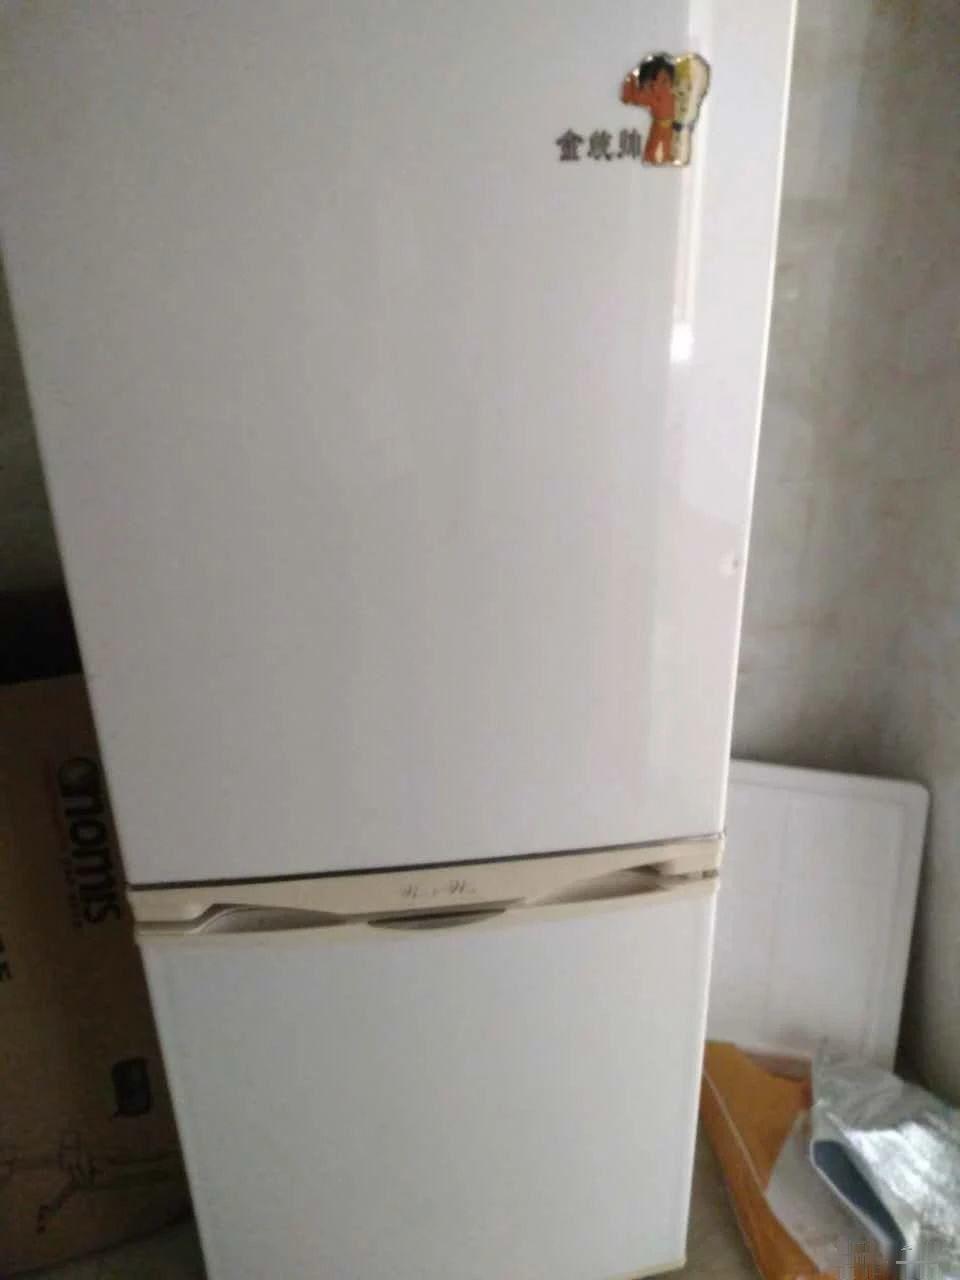 青年城守次出租精装2室80平空调冰箱洗衣机全齐地中海青年城盛世临港